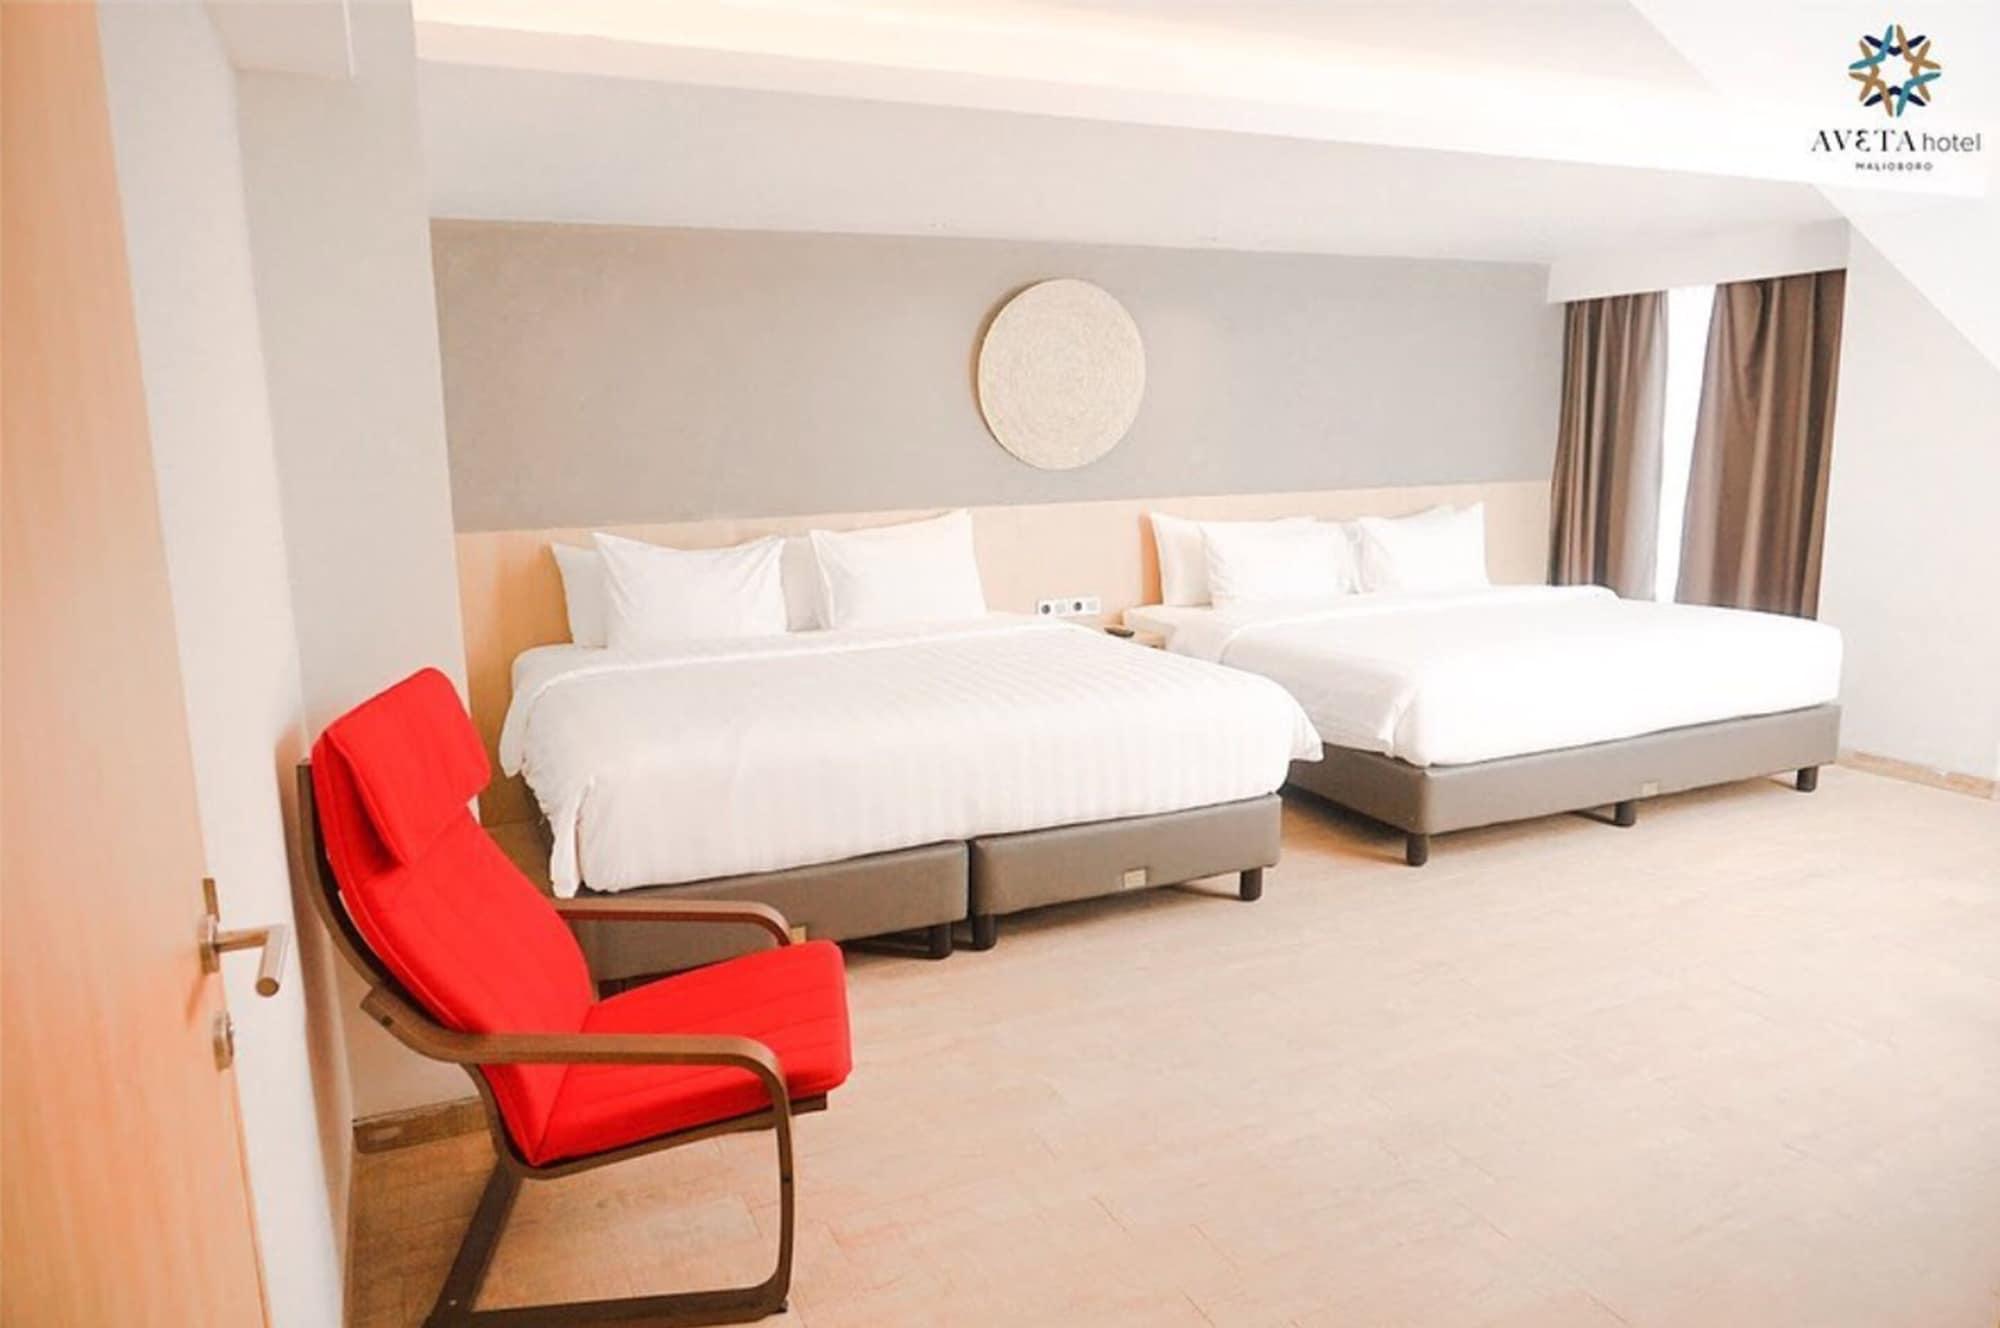 Aveta Hotel Malioboro, Yogyakarta